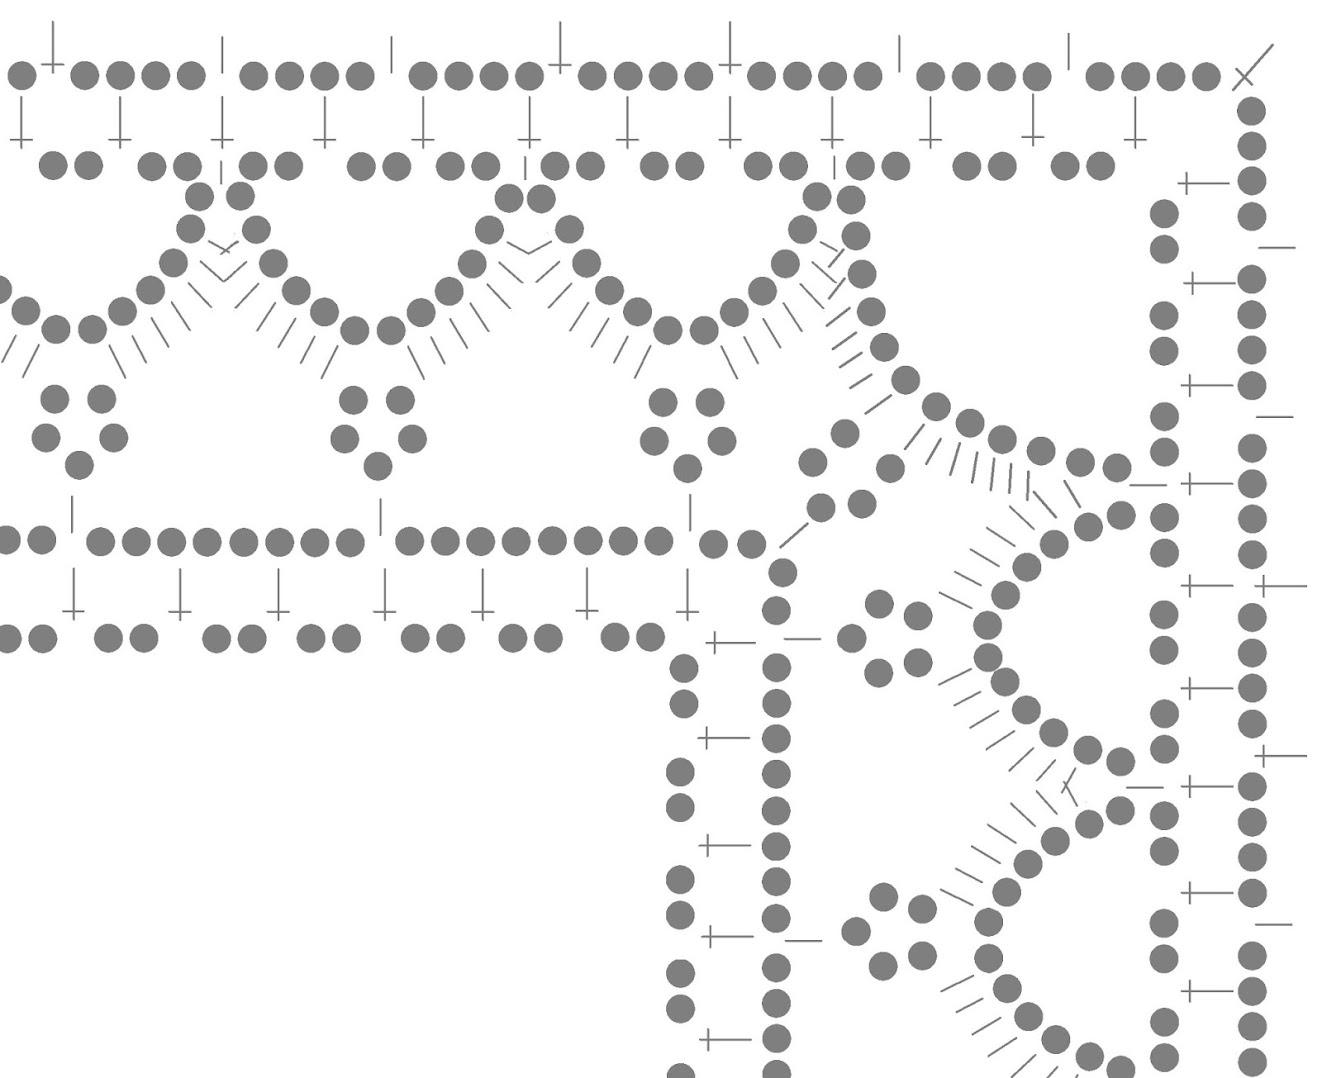 Прямоугольная салфетка связана крючком 107